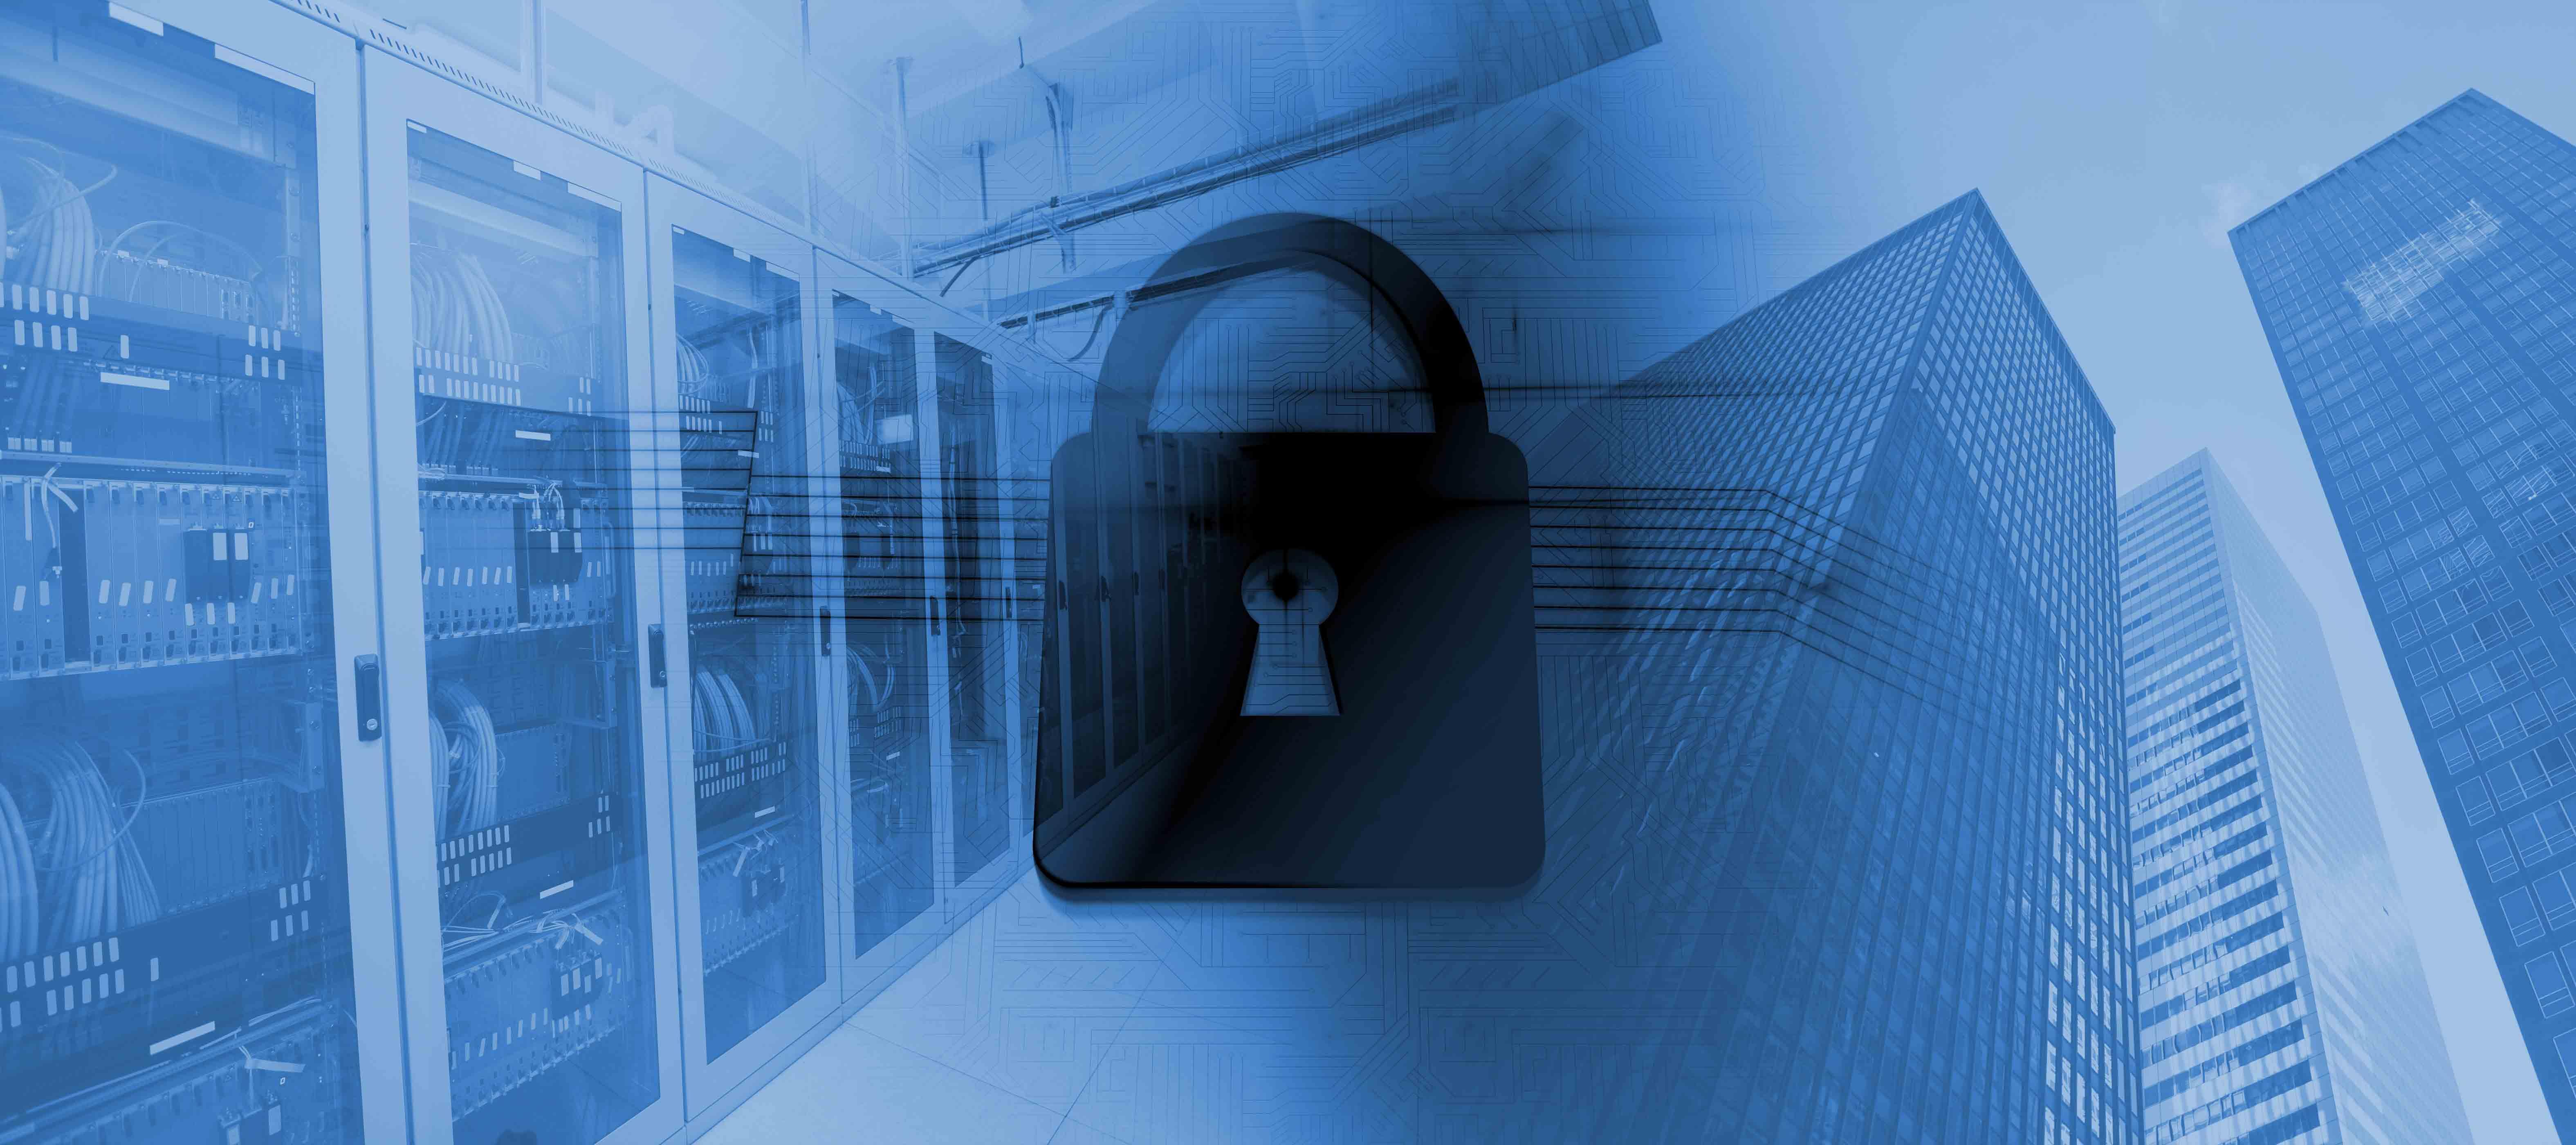 Une sauvegarde béton protège contre tout ransomware